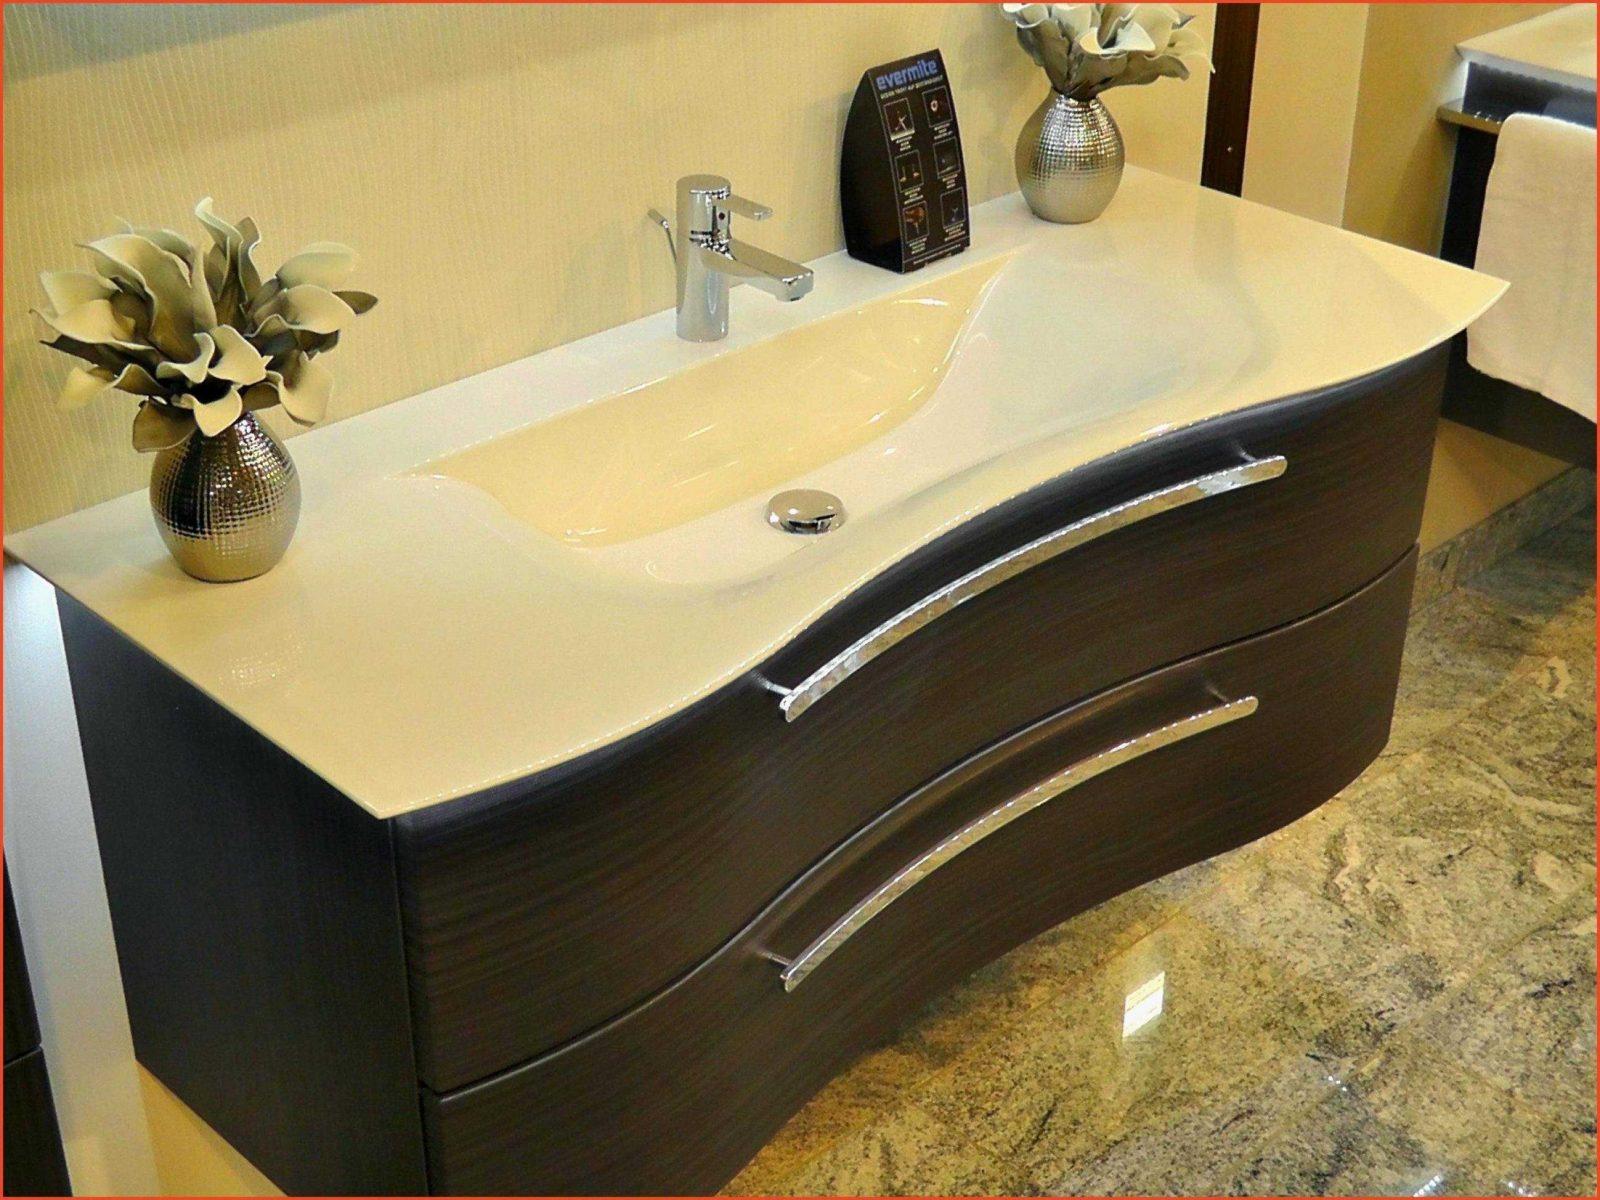 Badmöbel Set 60 Cm Elegant Keramik Waschtisch Mit Unterschrank 90 Cm von Keramik Waschtisch Mit Unterschrank 90 Cm Photo